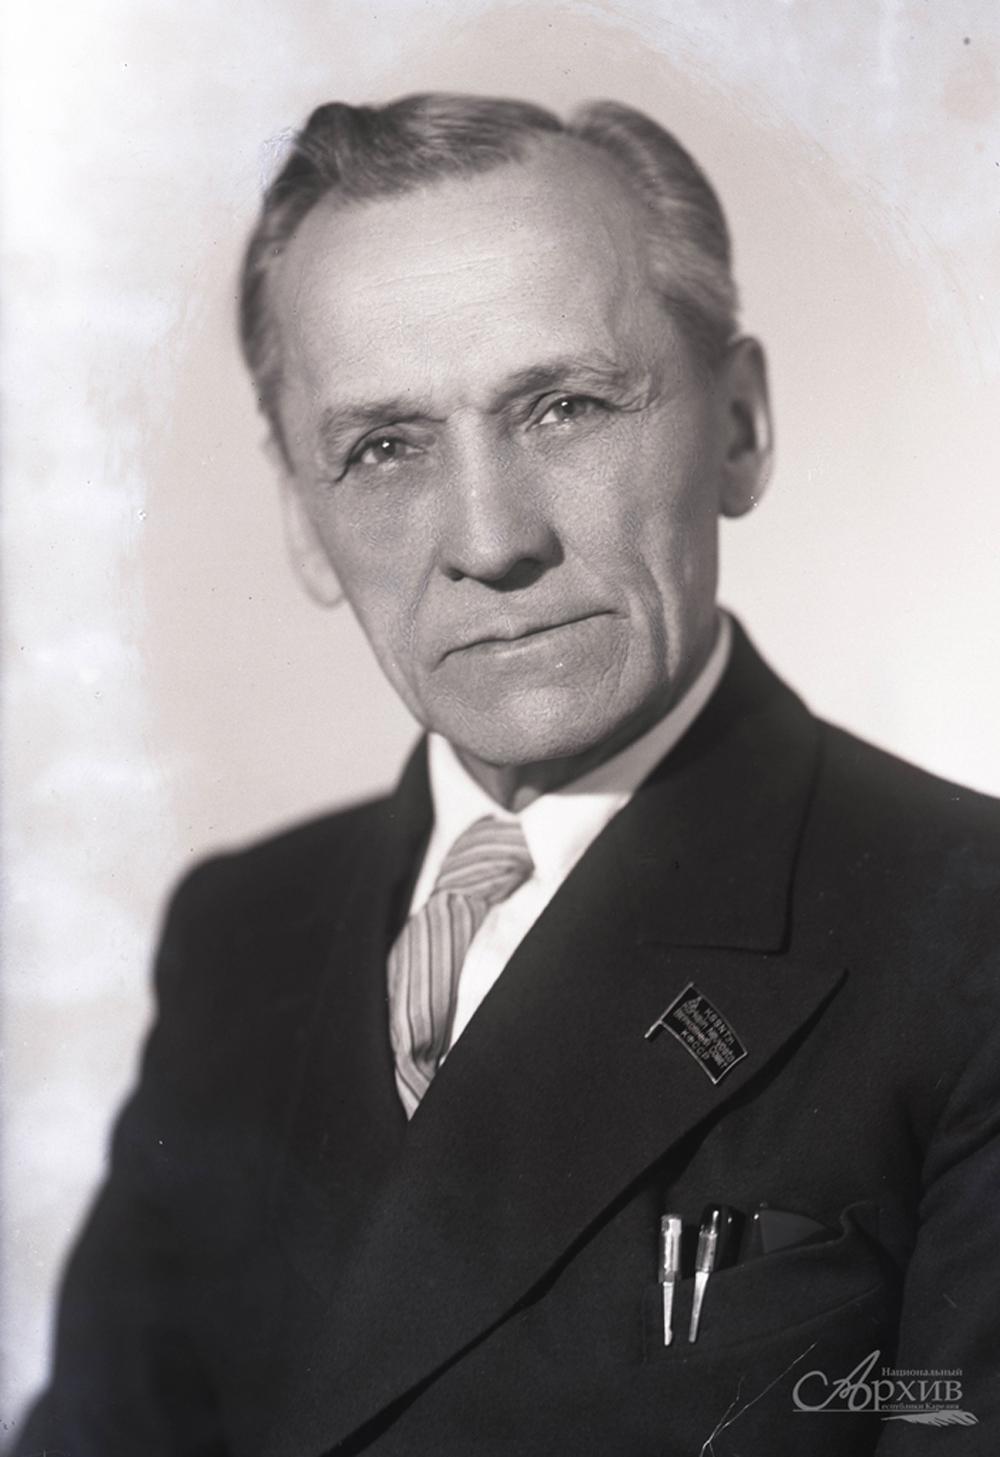 Karl Rautio